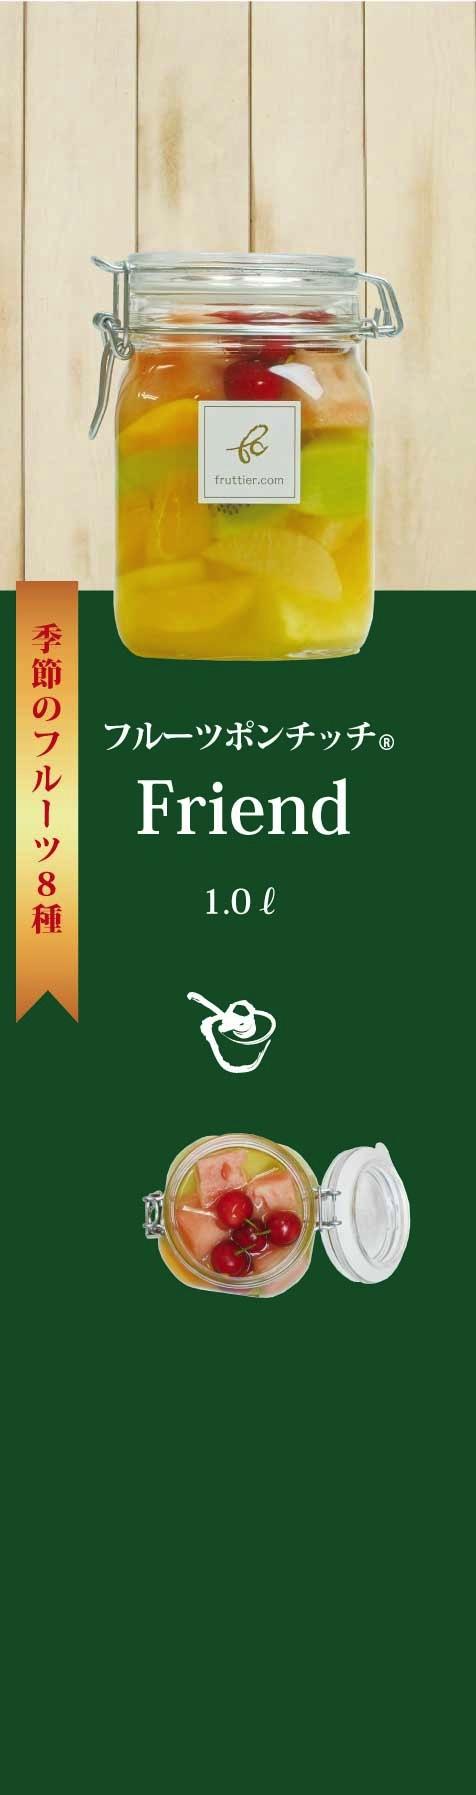 フルーツポンチッチFriend〜さくらんぼ